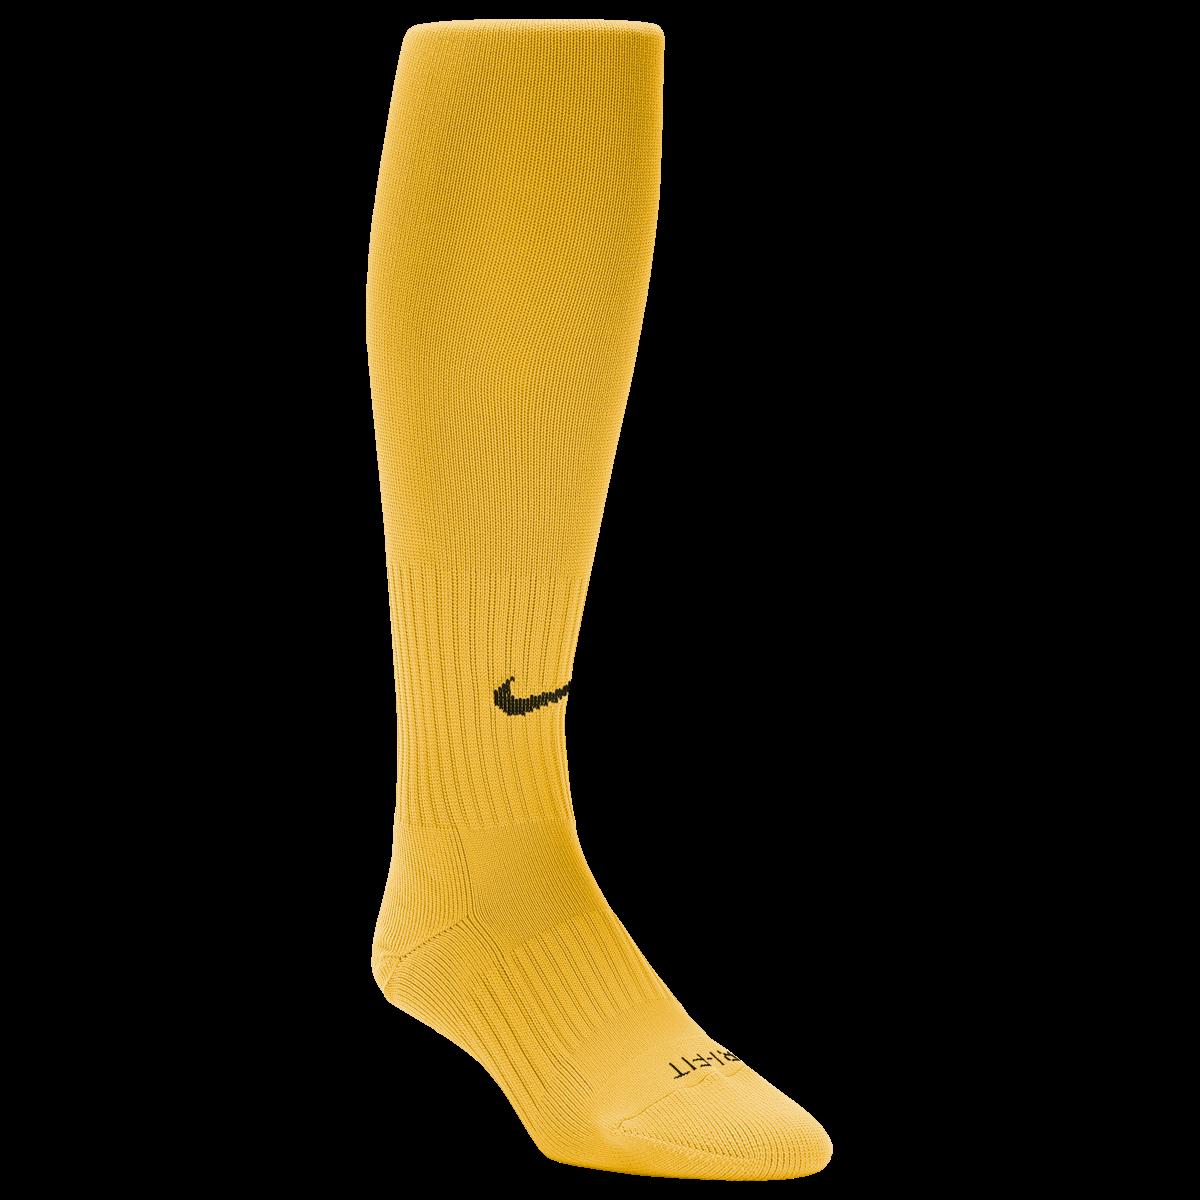 Nike Classic Soccer Socks Purple Xs In 2020 Soccer Socks Nike Classic Socks